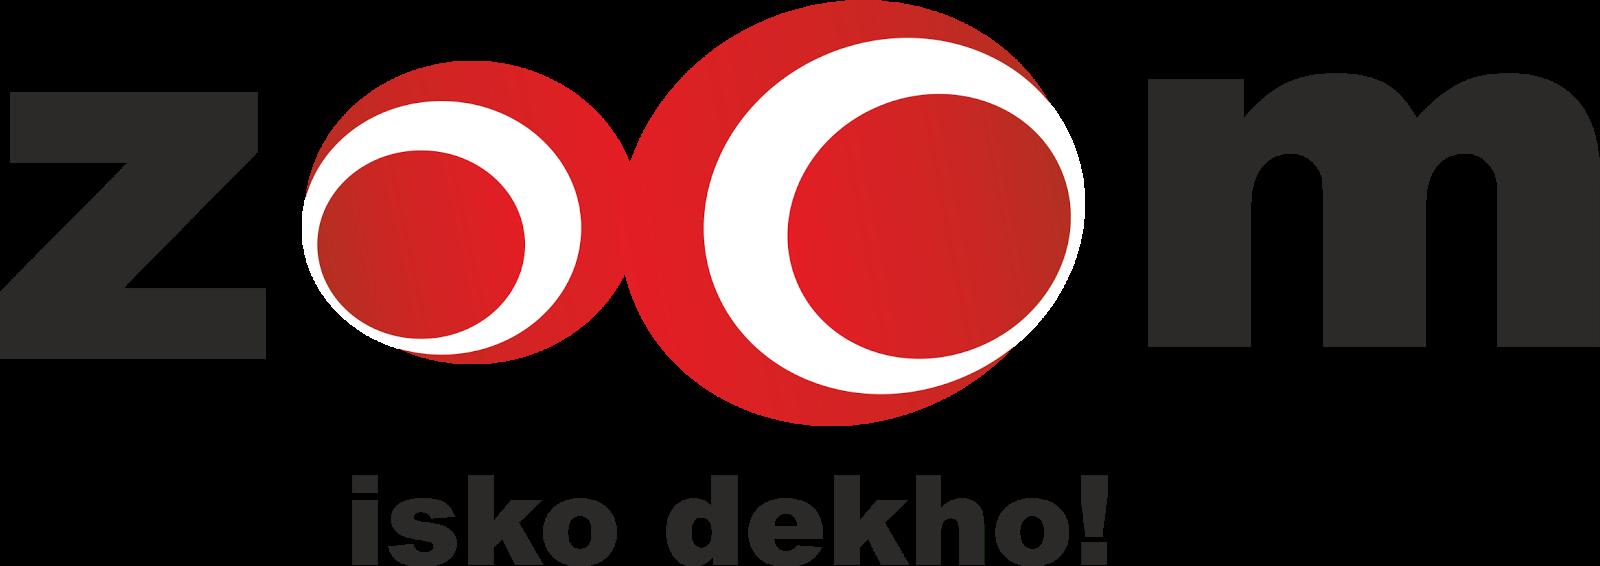 Zoom tv Logos